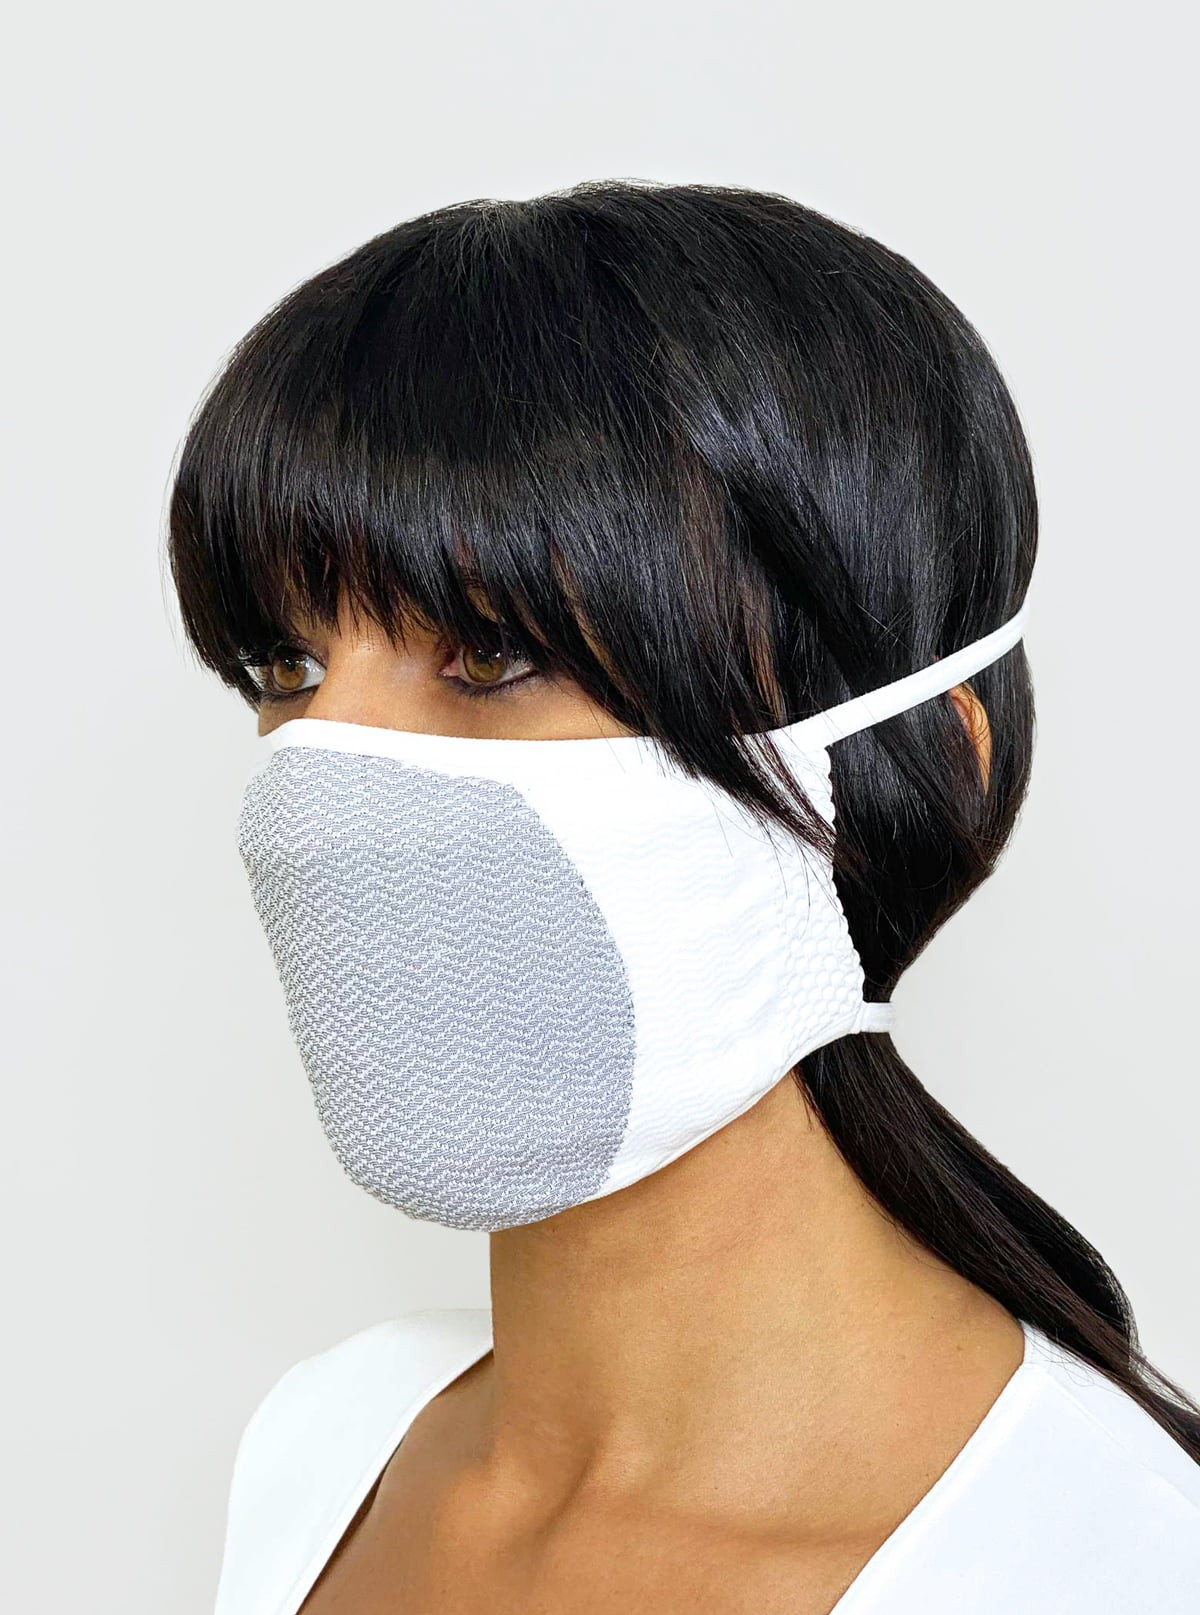 Carbon-Mask bianca, lavabile e Riutilizzabile, in Carbonio Filtrante, Antistatica, Antivirale, Antidroplet